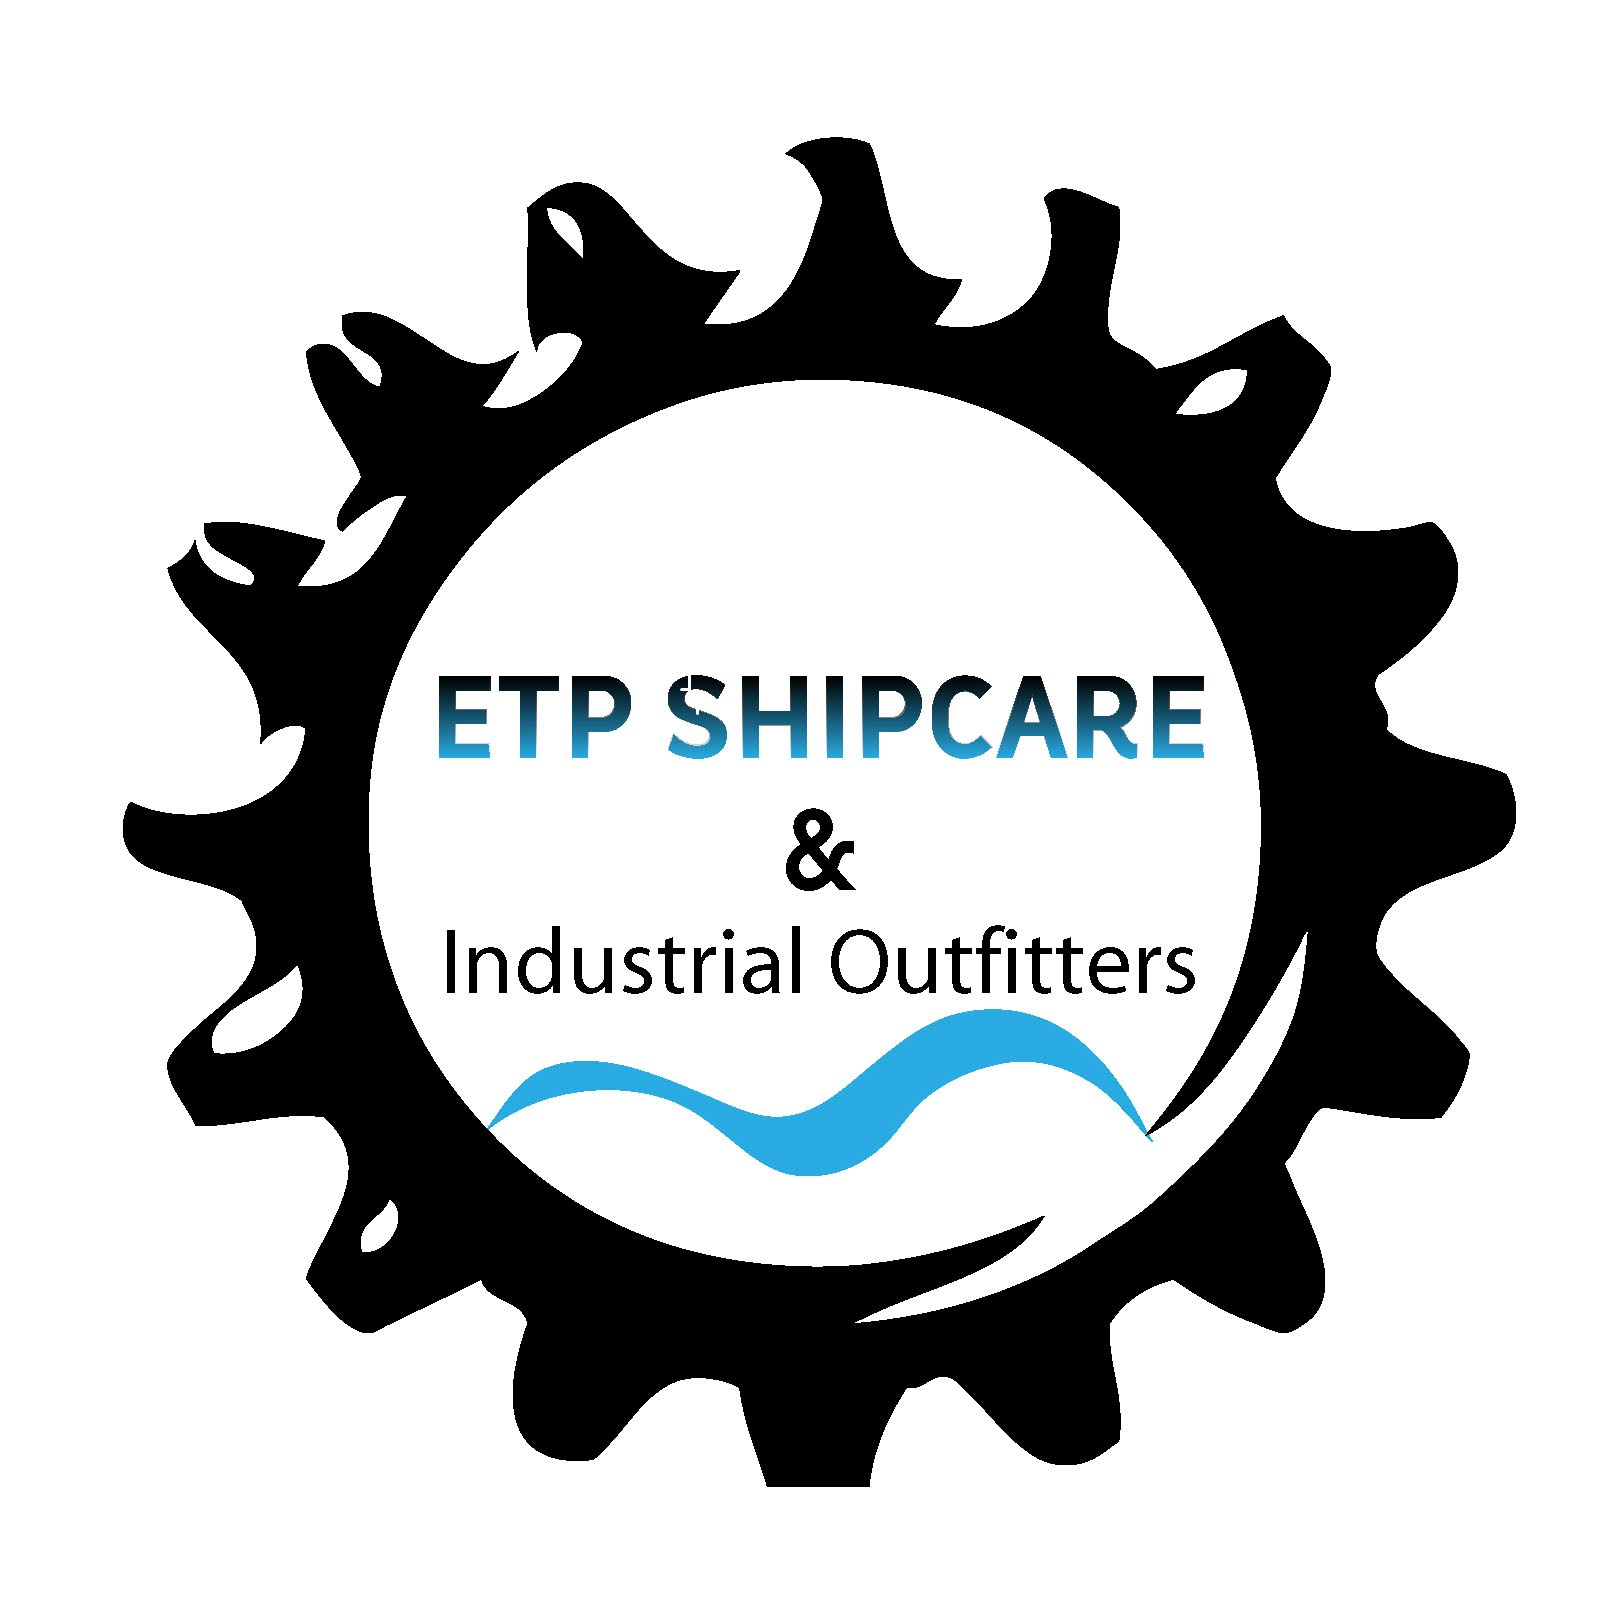 ETP Shipcare